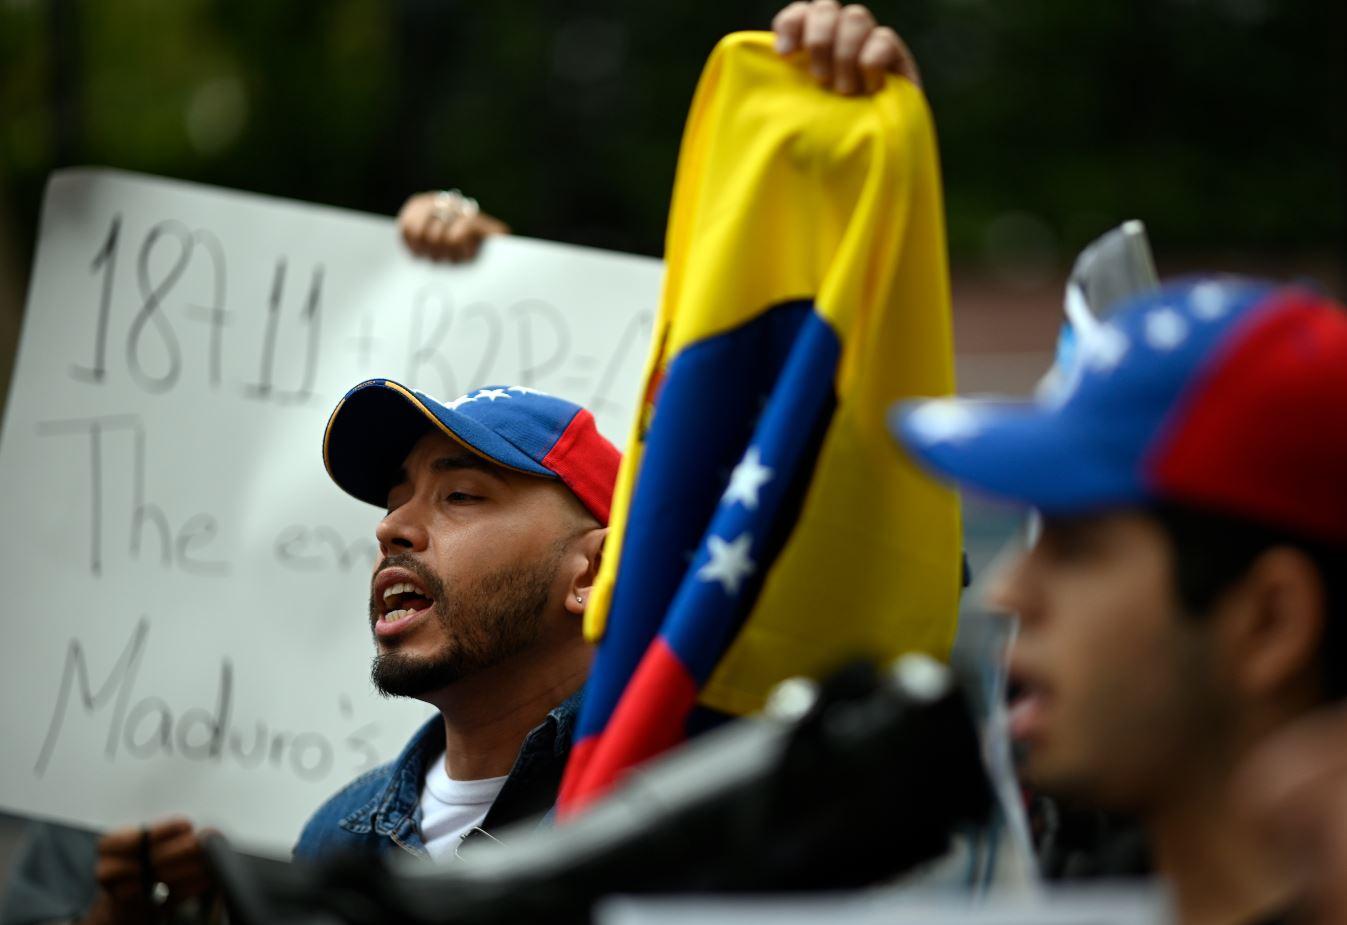 La situación de Venezuela ha llevado a 3,6 millones de personas a abandonar su país desde 2016, según datos de la ONU. Foto: AFP.